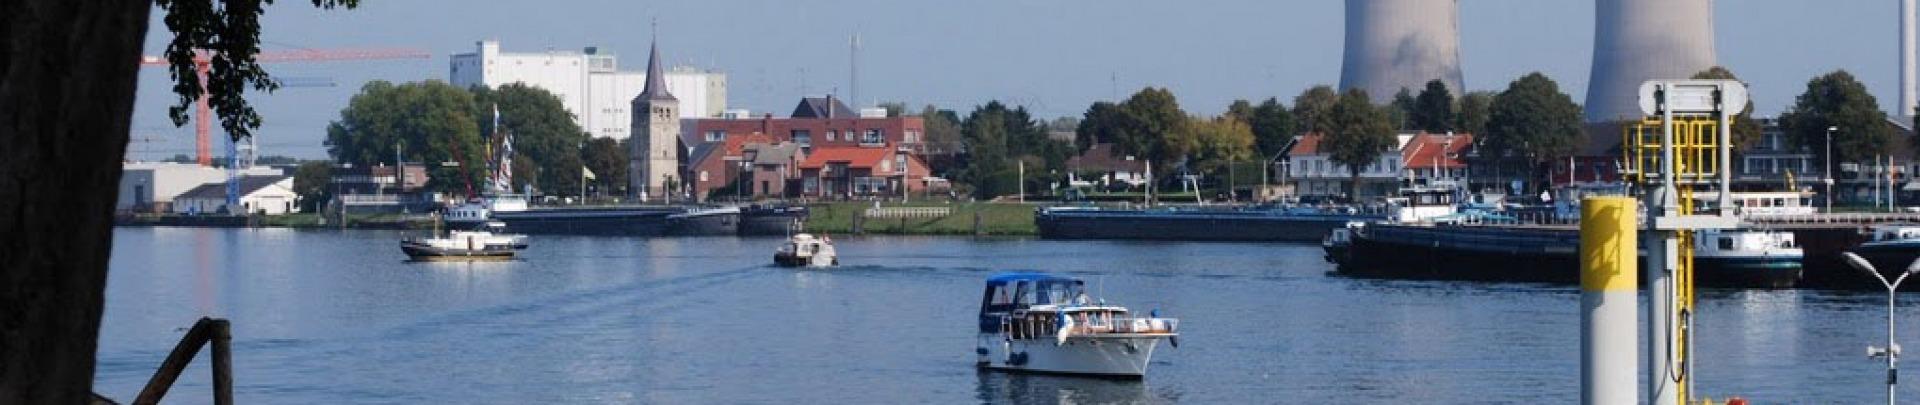 De haven van Maasbracht